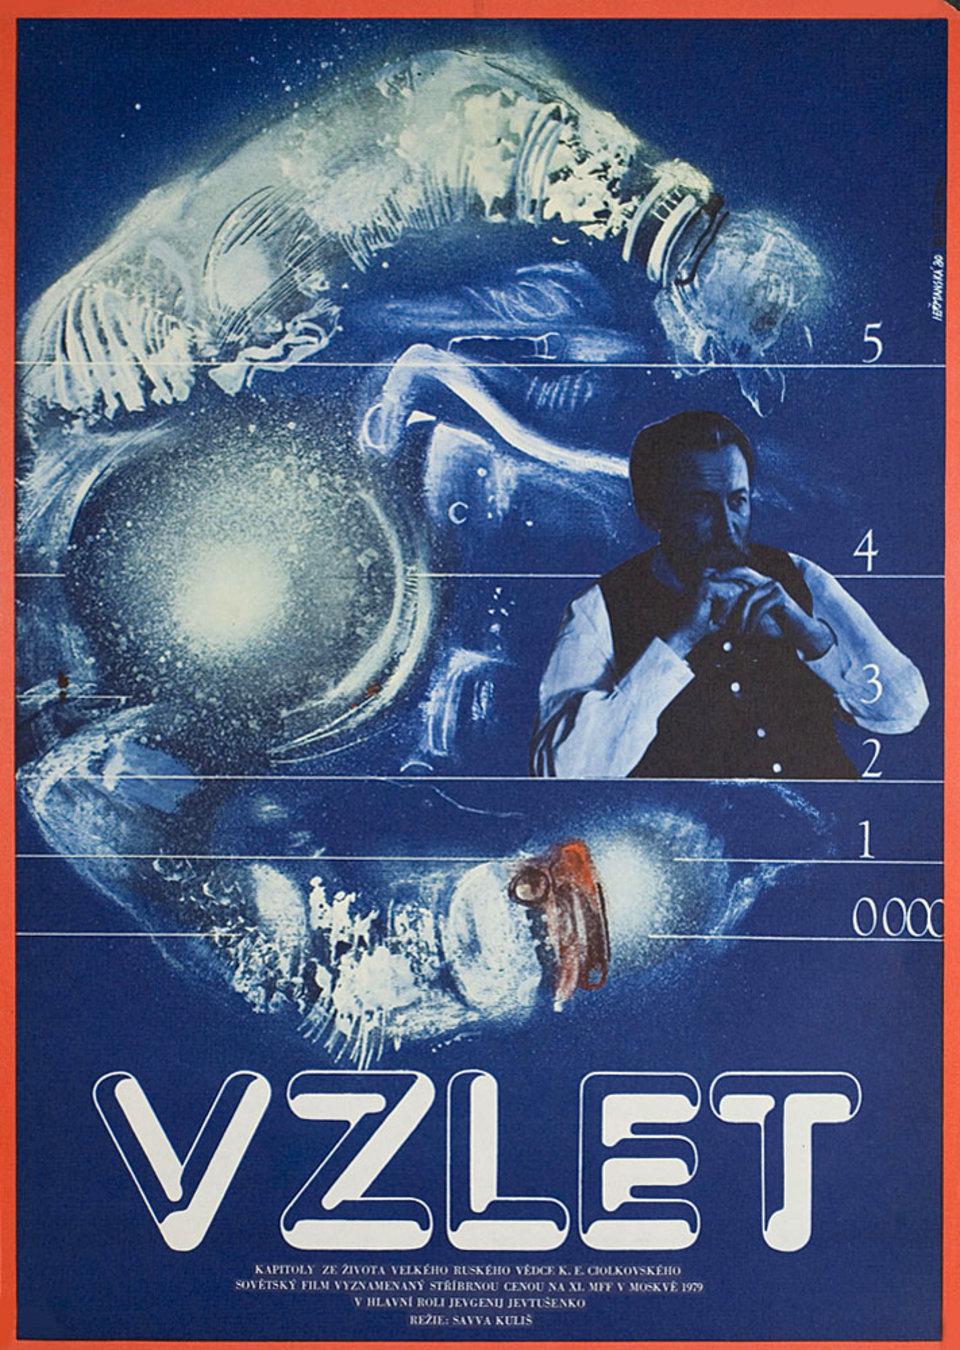 Vzlyot 1980 Czech A3 Poster